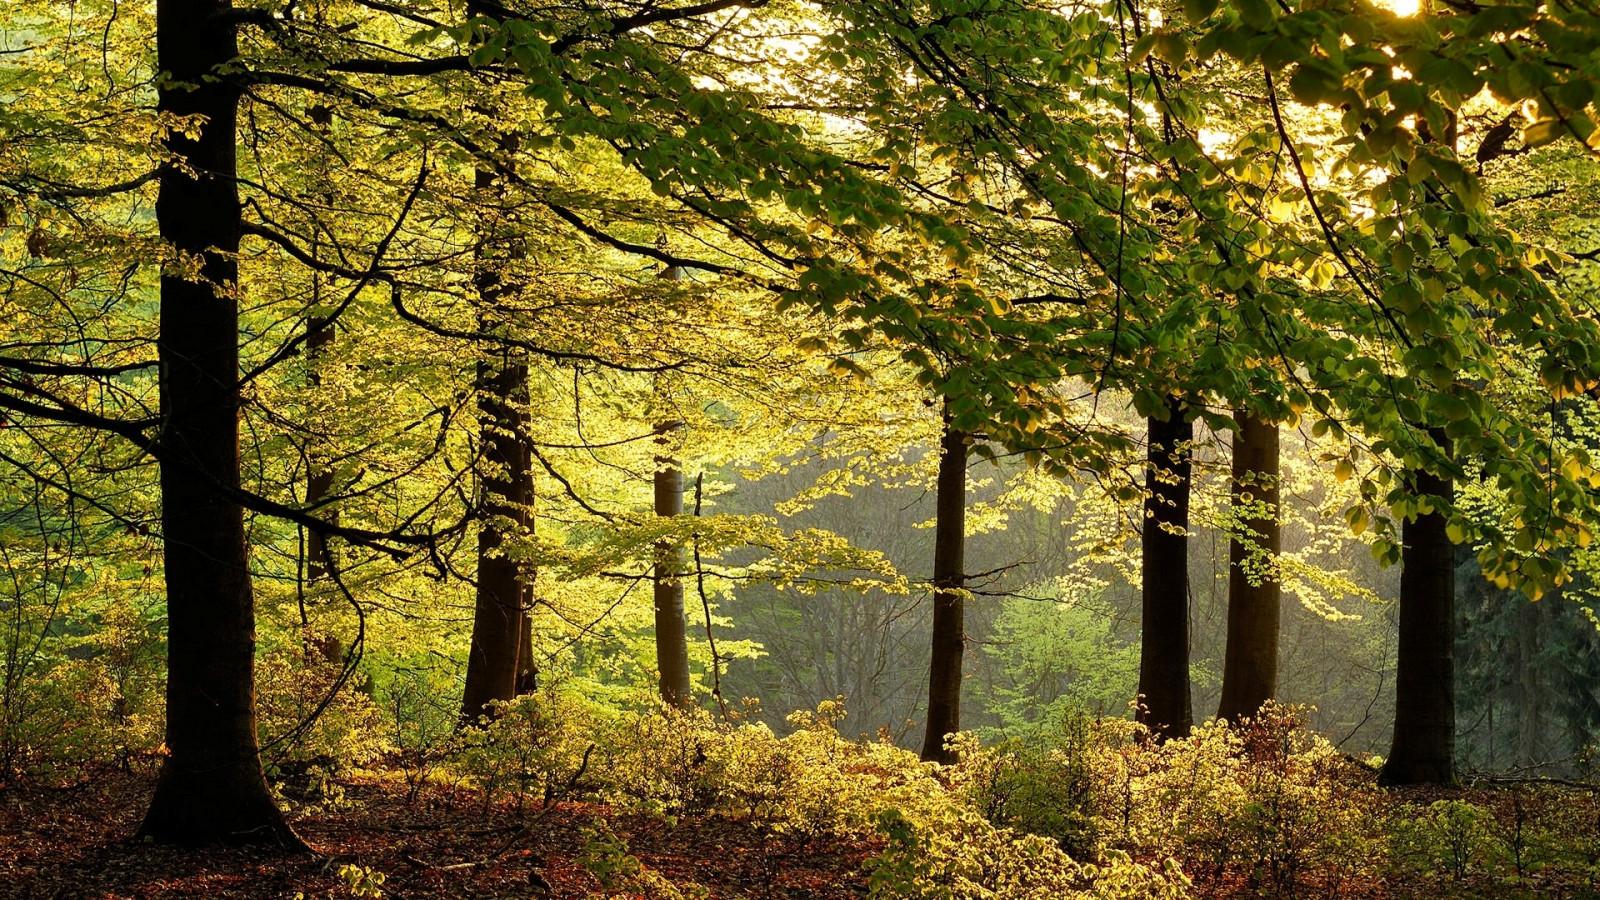 Güneş ışığı Ağaçlar Manzara orman yapraklar doğa Şube yeşil sabah Almanya Çalılar Ağaç sonbahar Yaprak çiçek bitki sezon Ormanlık alan Koruluk yetişme ortamı doğal çevre Odunsu bitki ekosistem Ilıman iğne yapraklı orman Biyom Ilıman geniş yapraklı ve karışık orman yaprak döken Kızlık soy ağacı